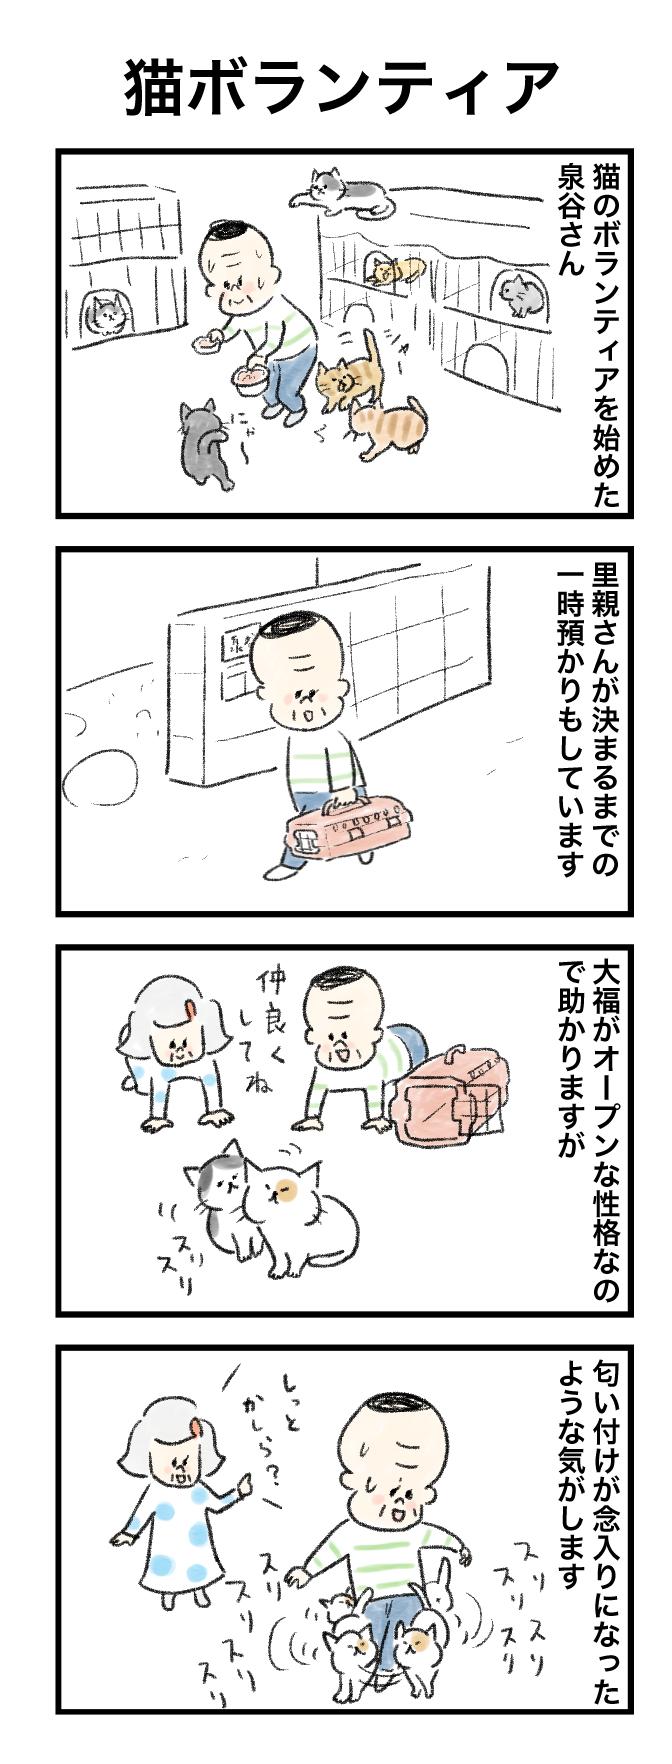 今日の泉谷さん【34】 作:カワサキヒロシ「猫ボランティア」